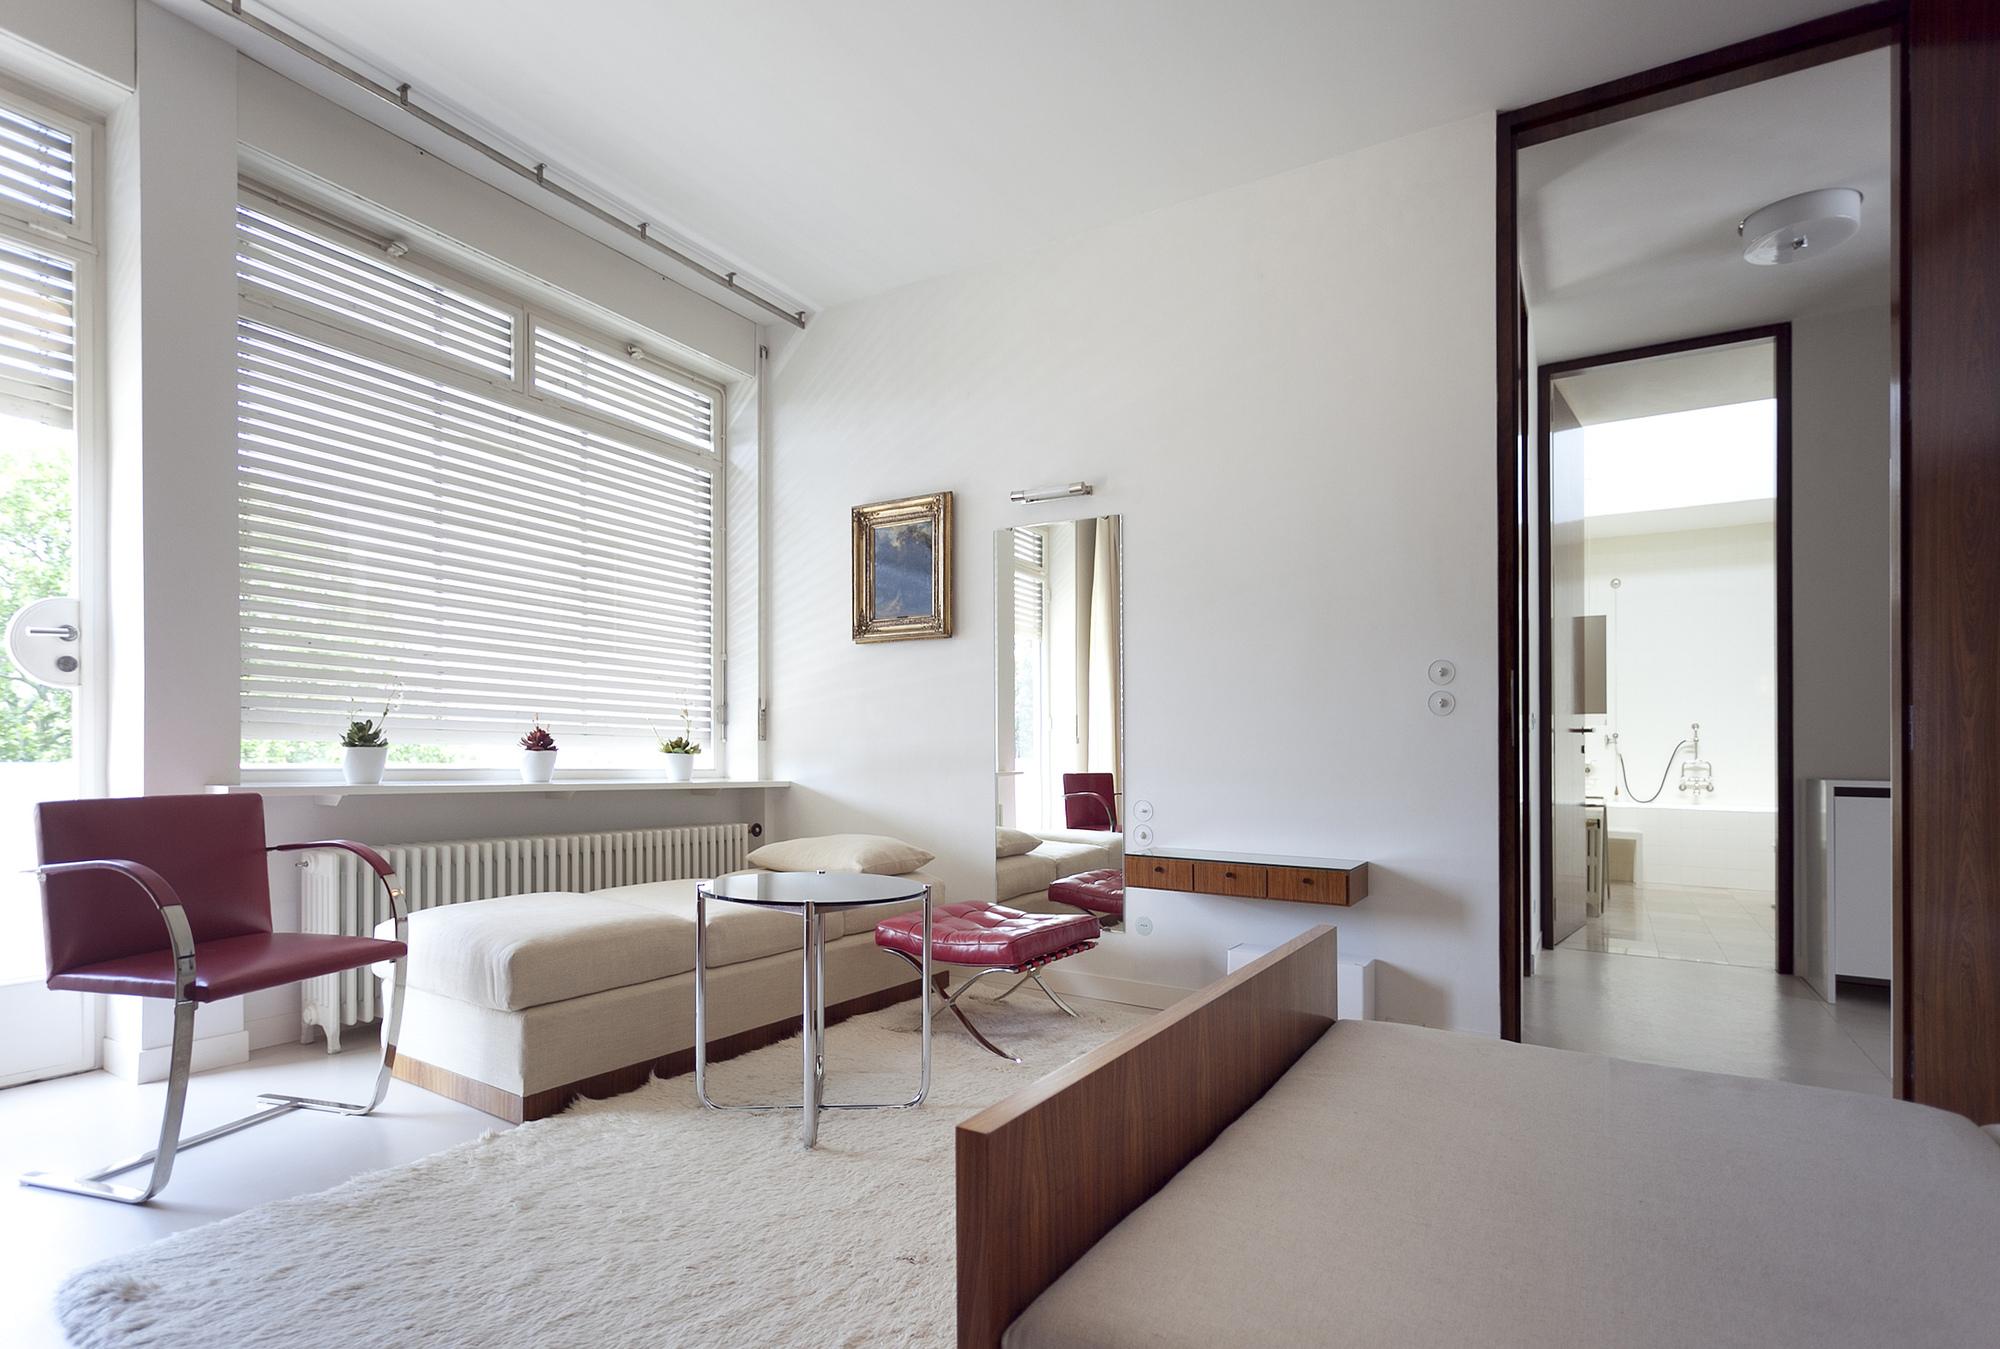 Gallery of AD Classics Villa Tugendhat Mies van der